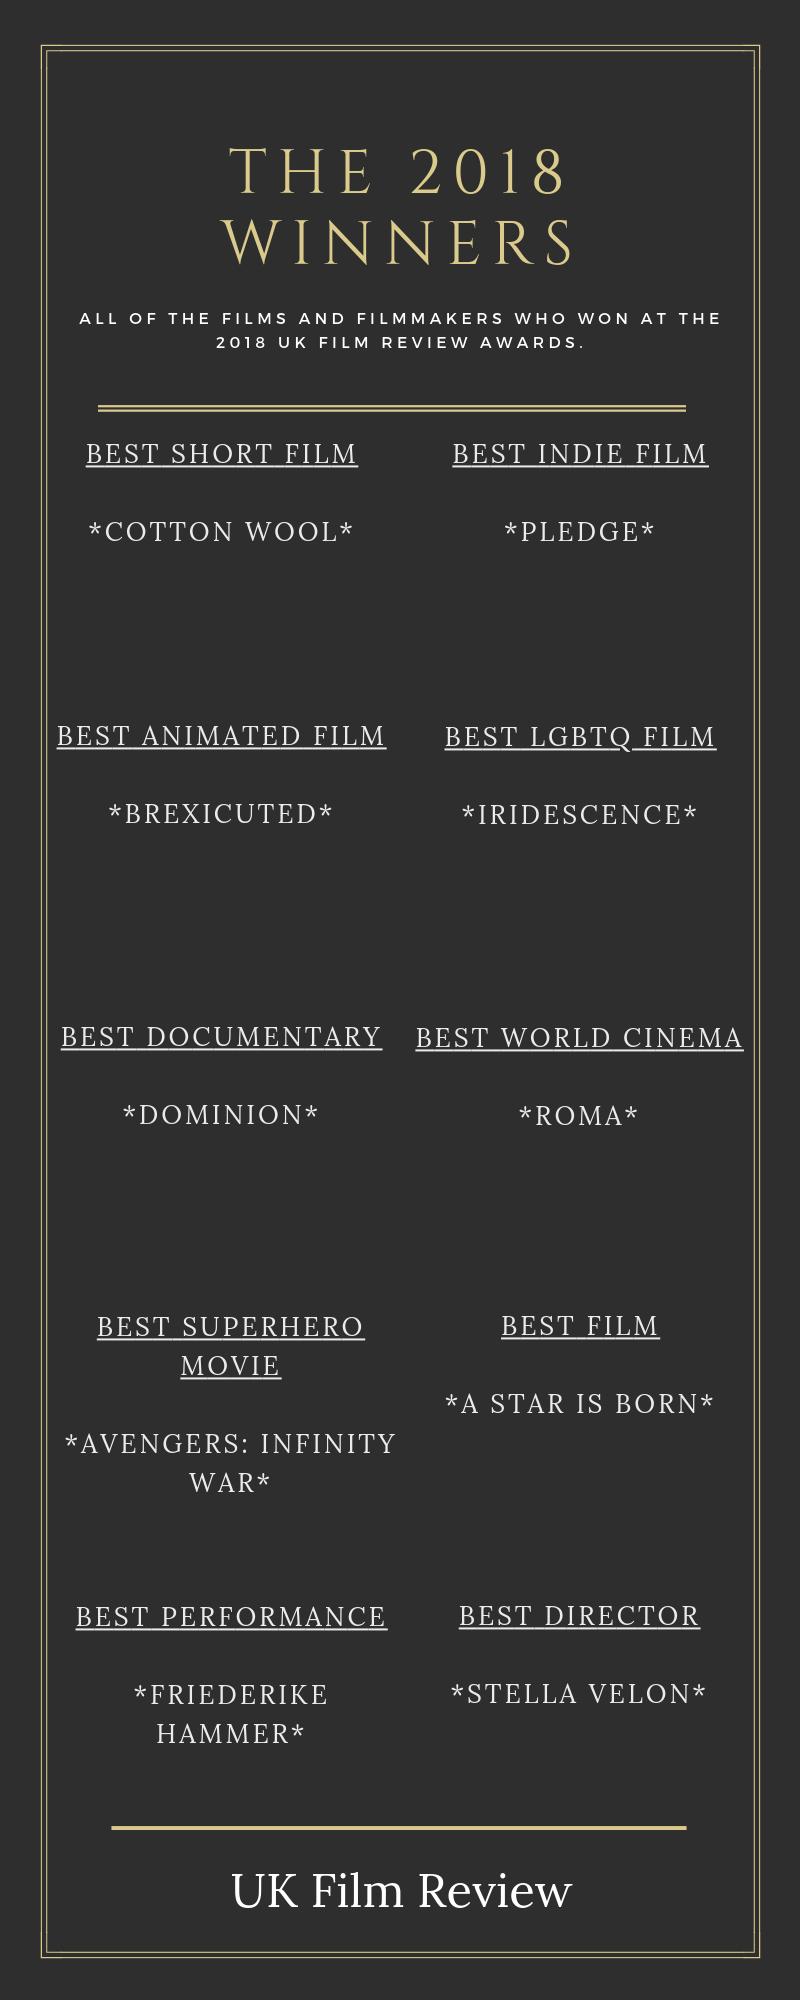 https://www.ukfilmreview.co.uk/uk-film-awards